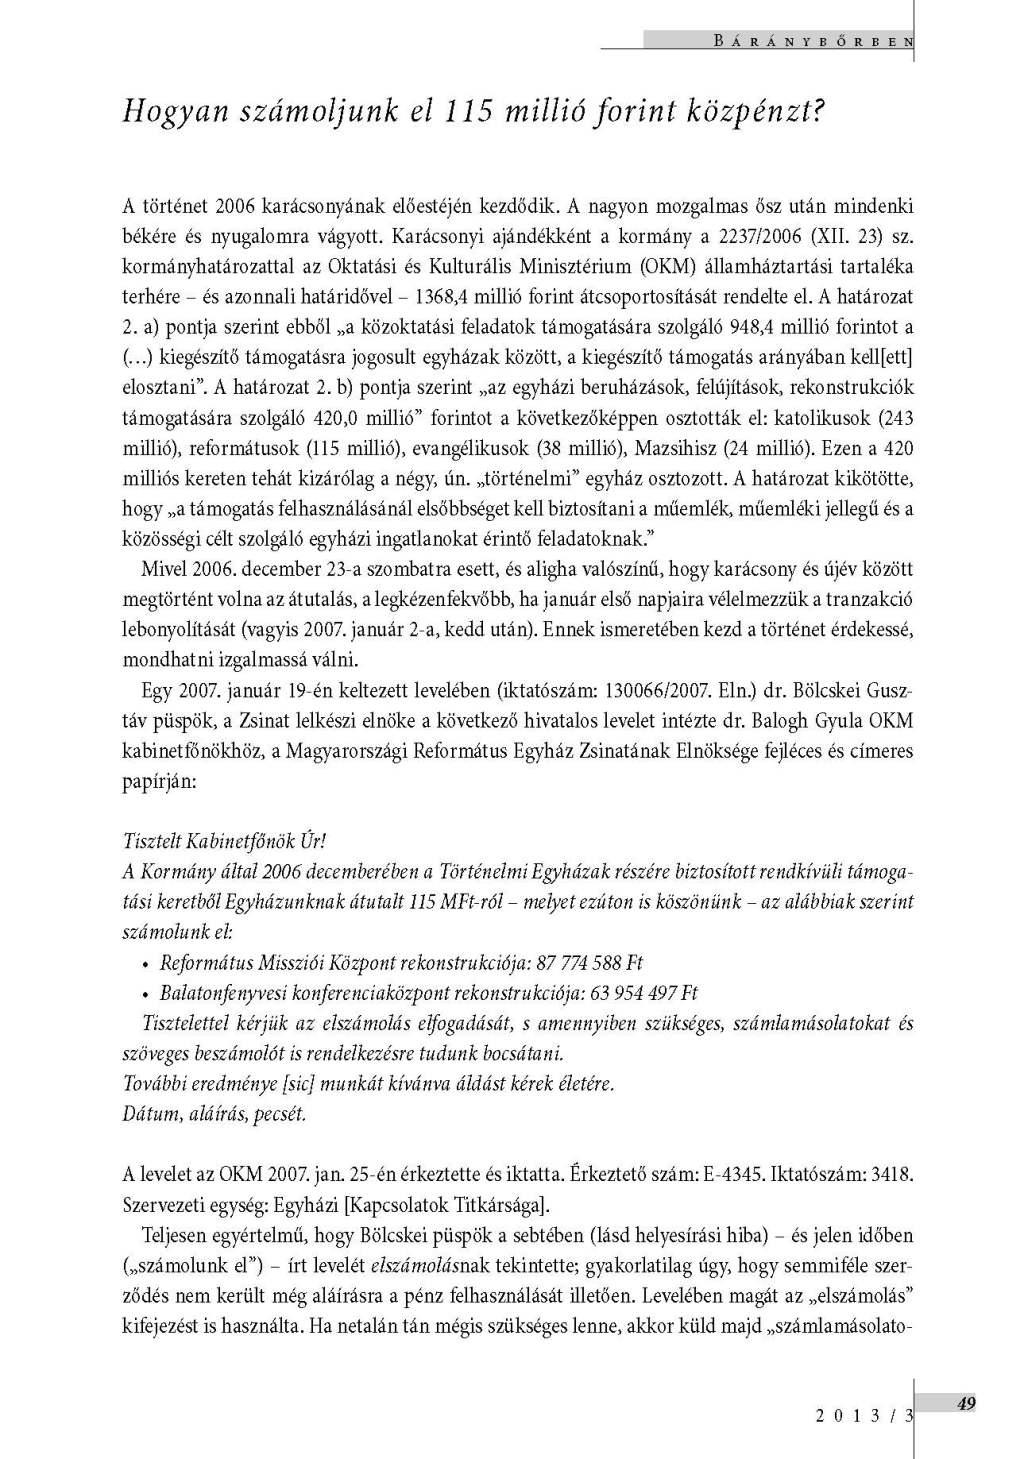 egyhazforum_2013_03_Page_51